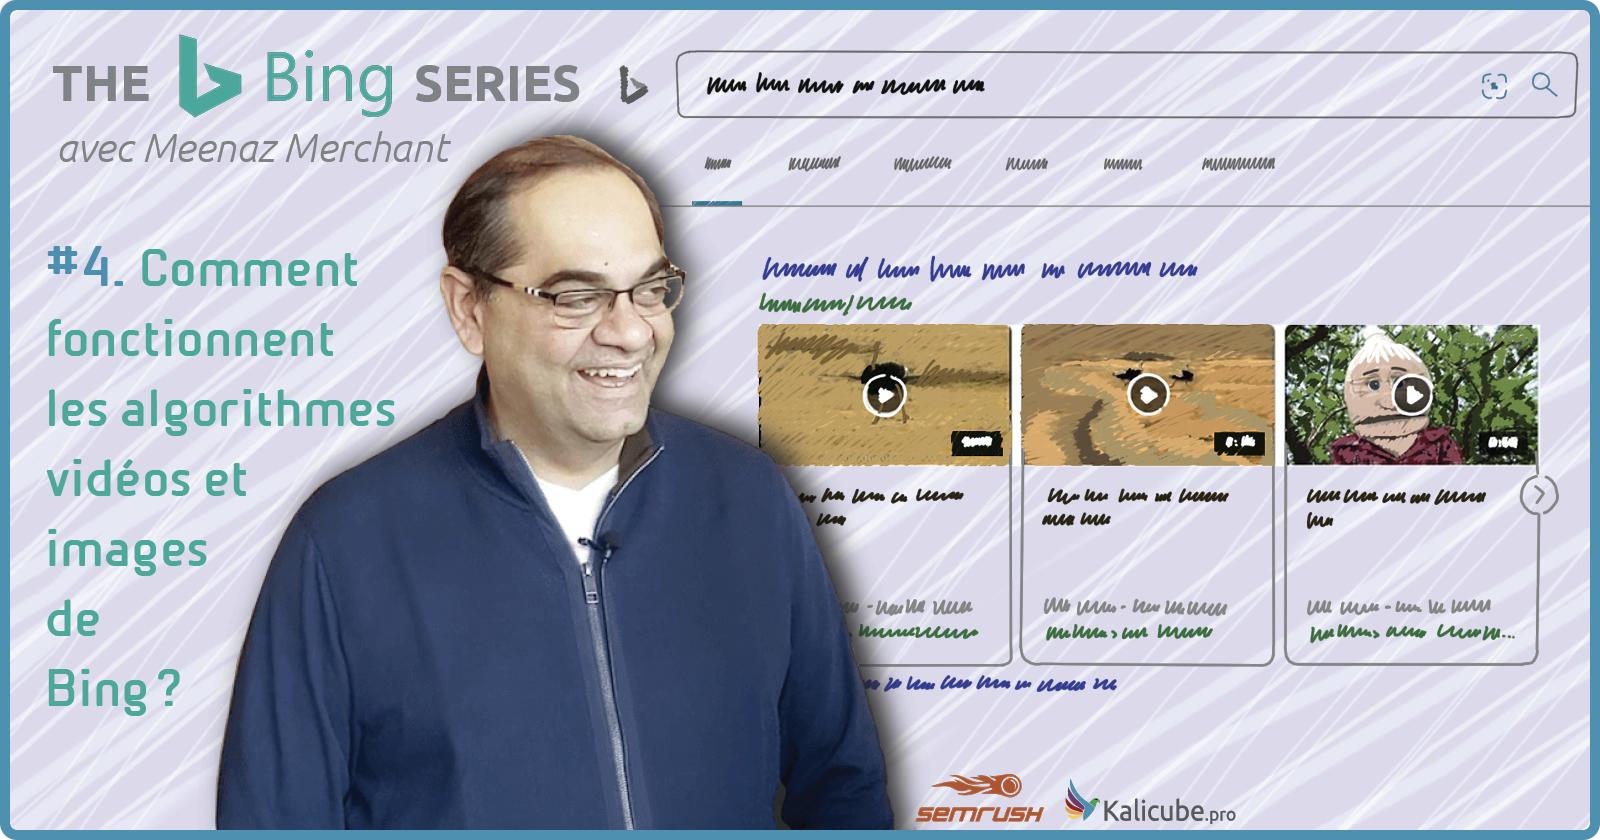 Comment fonctionne les algorithmes images et vidéos de Bing